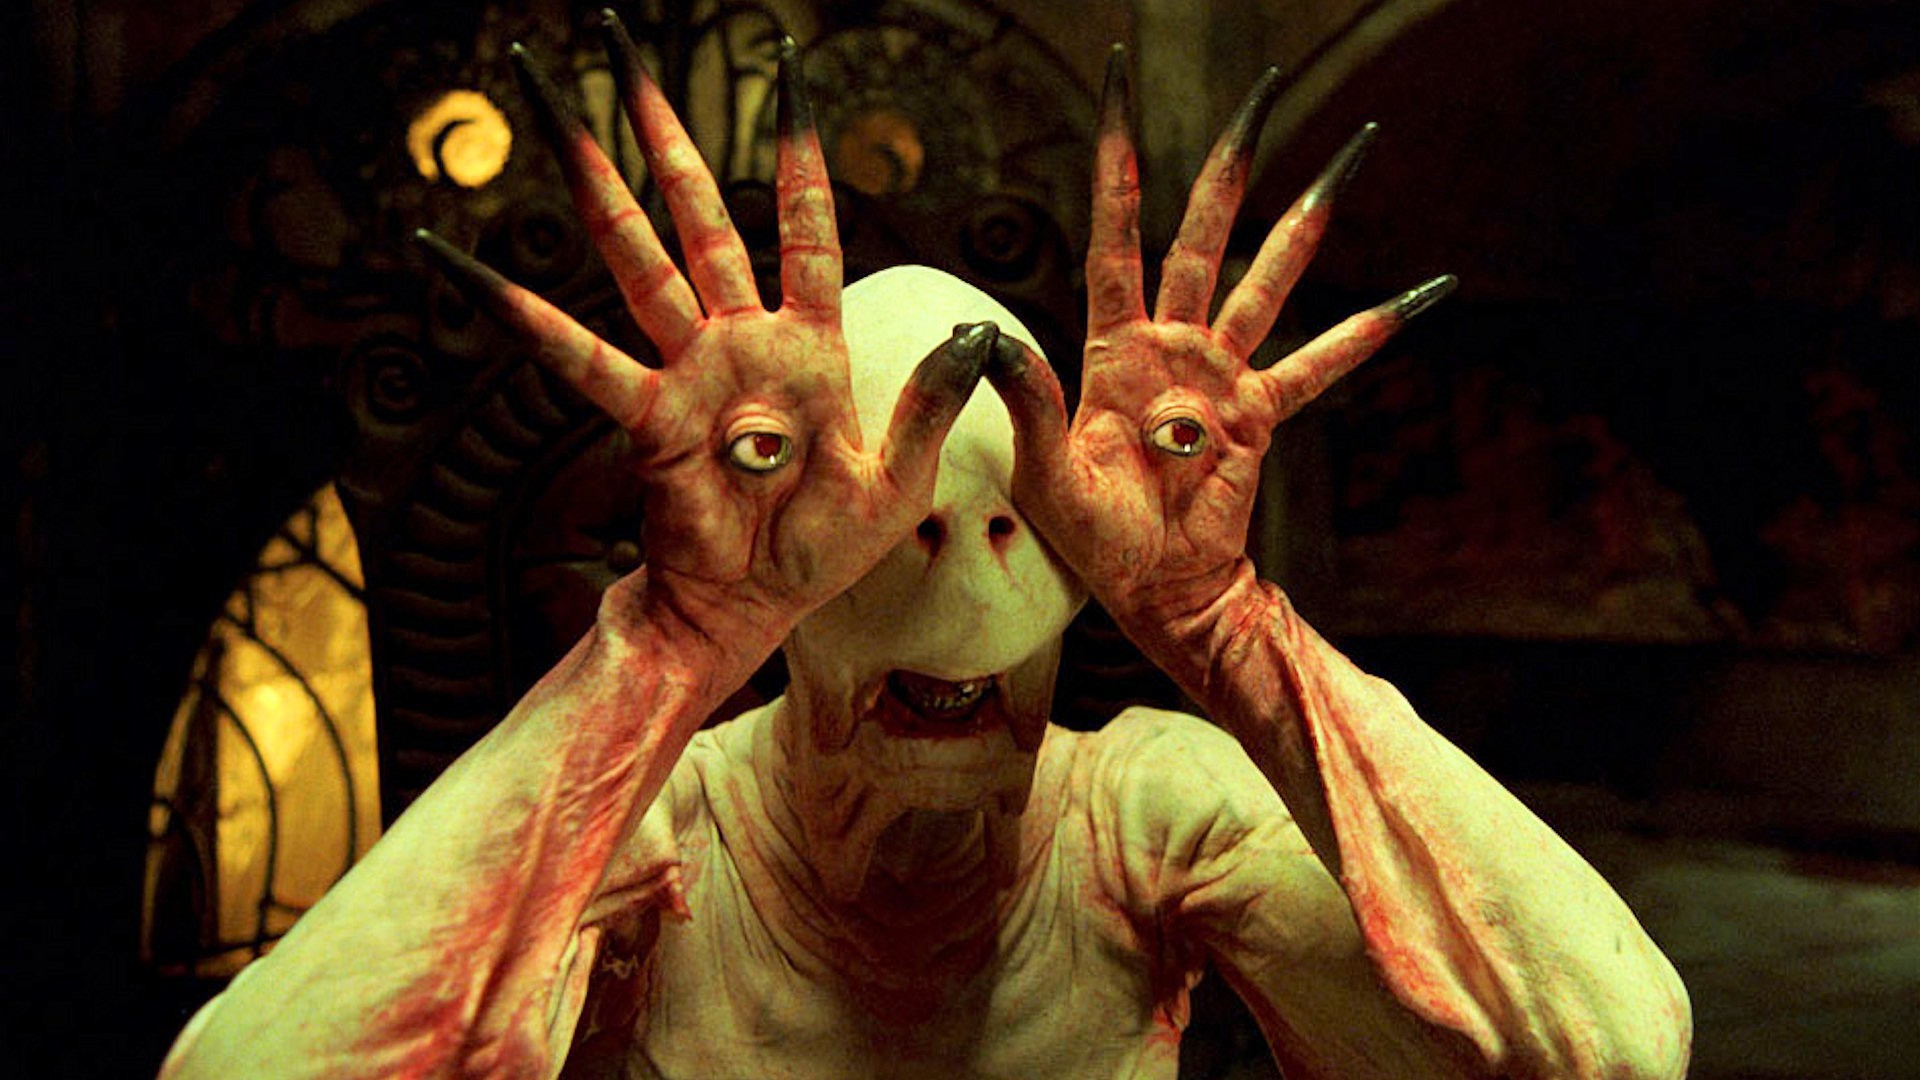 Thủ ngay bí kíp thoát chết trong phim kinh dị qua 7 hành động thiếu muối của các nhân vật chính - Ảnh 7.